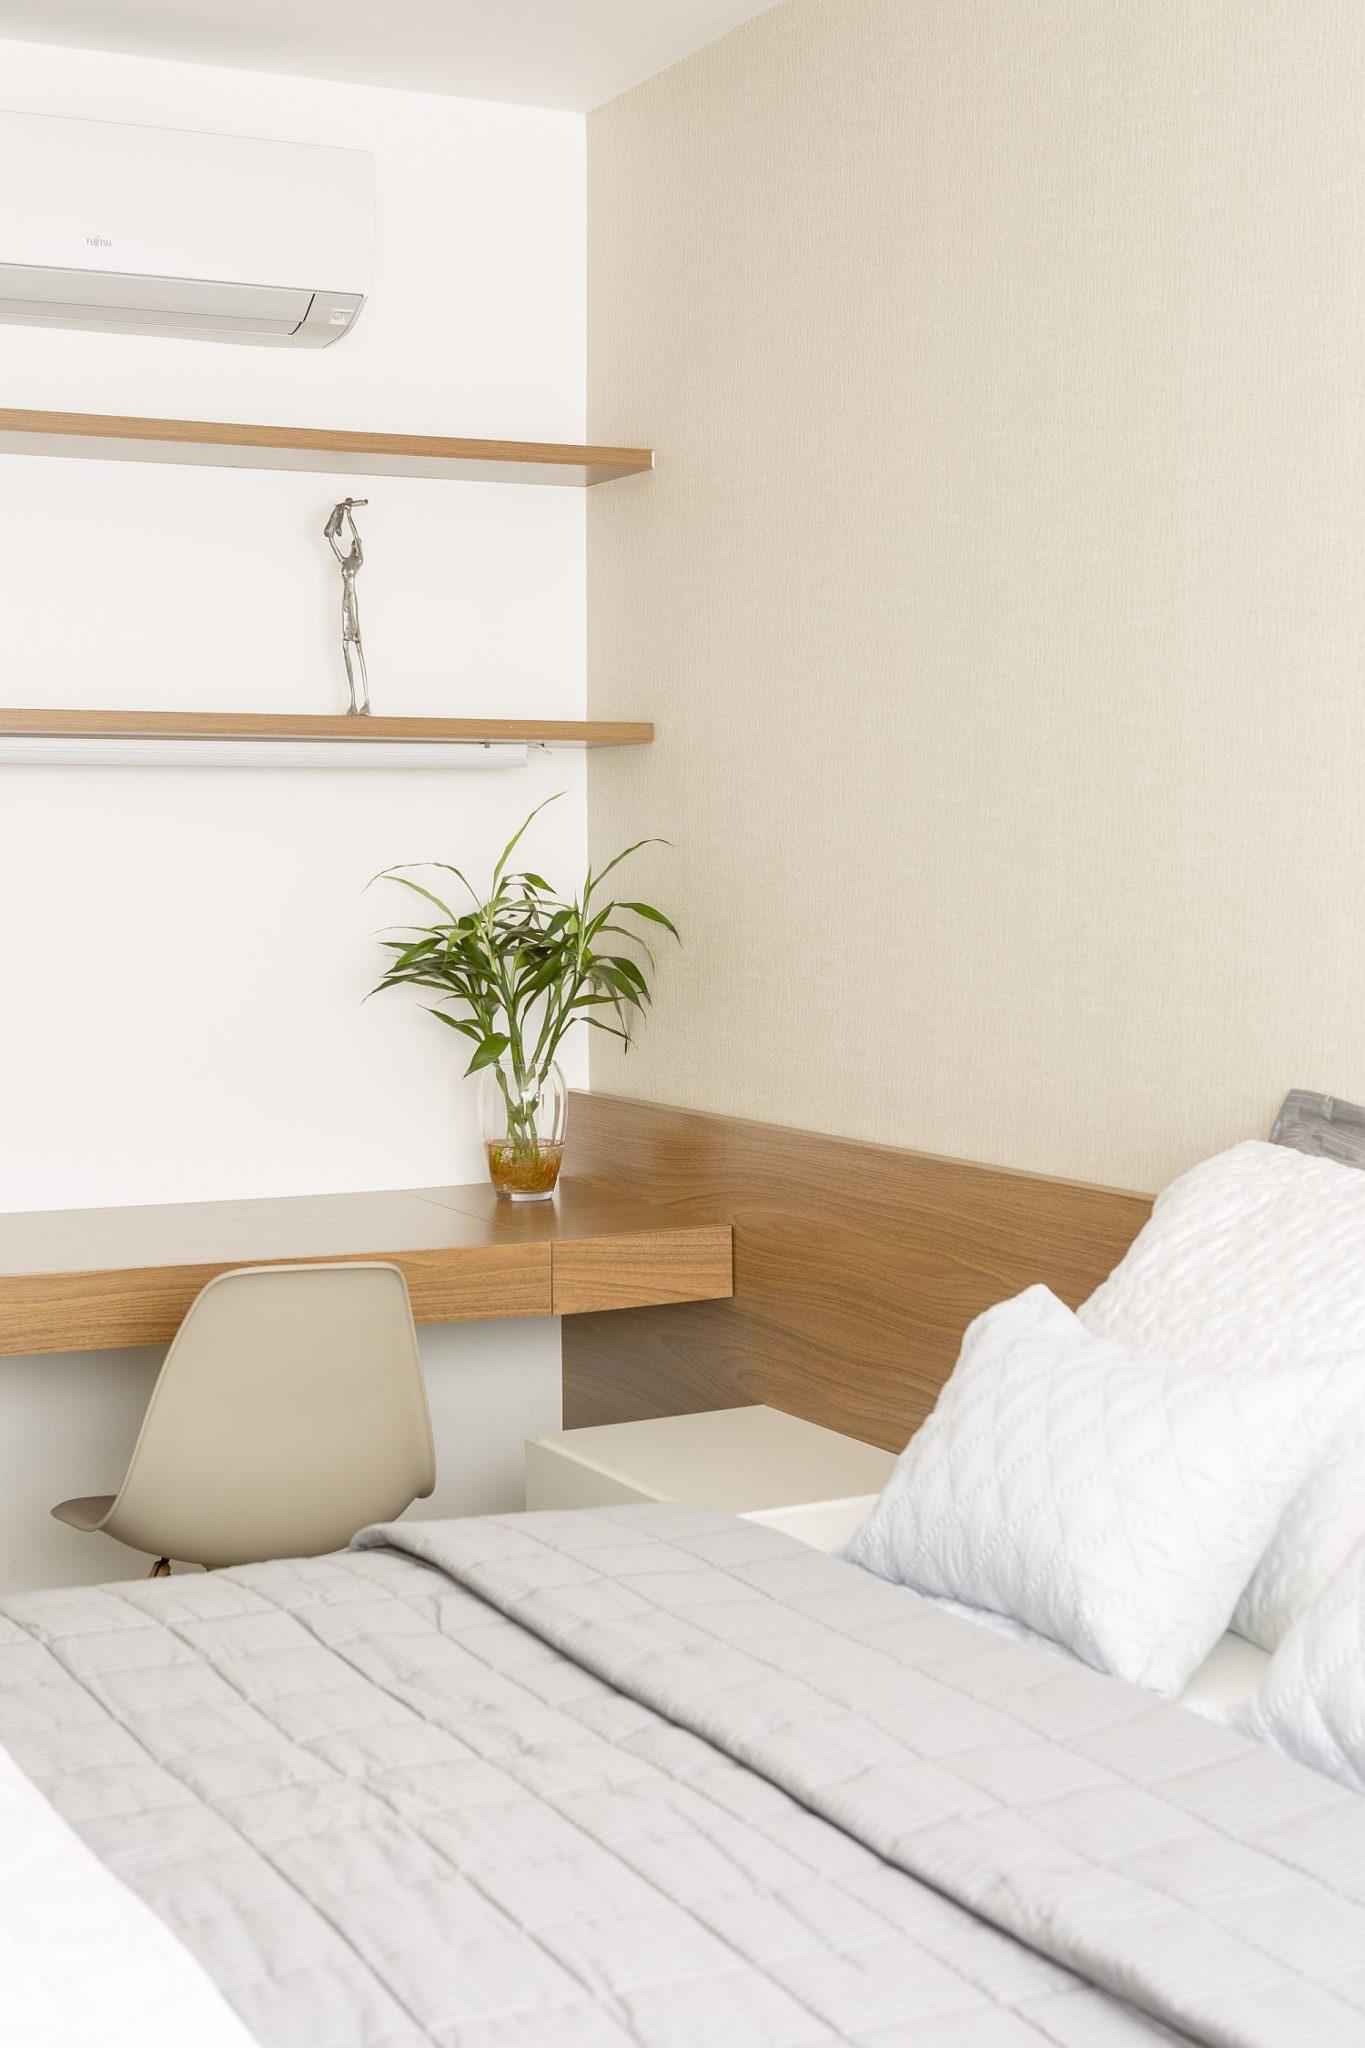 Căn hộ có thiết kế siêu yêu với tủ đa năng hoạt động như tủ quần áo, nơi ăn uống và nhiều thứ khác nữa… - Ảnh 3.